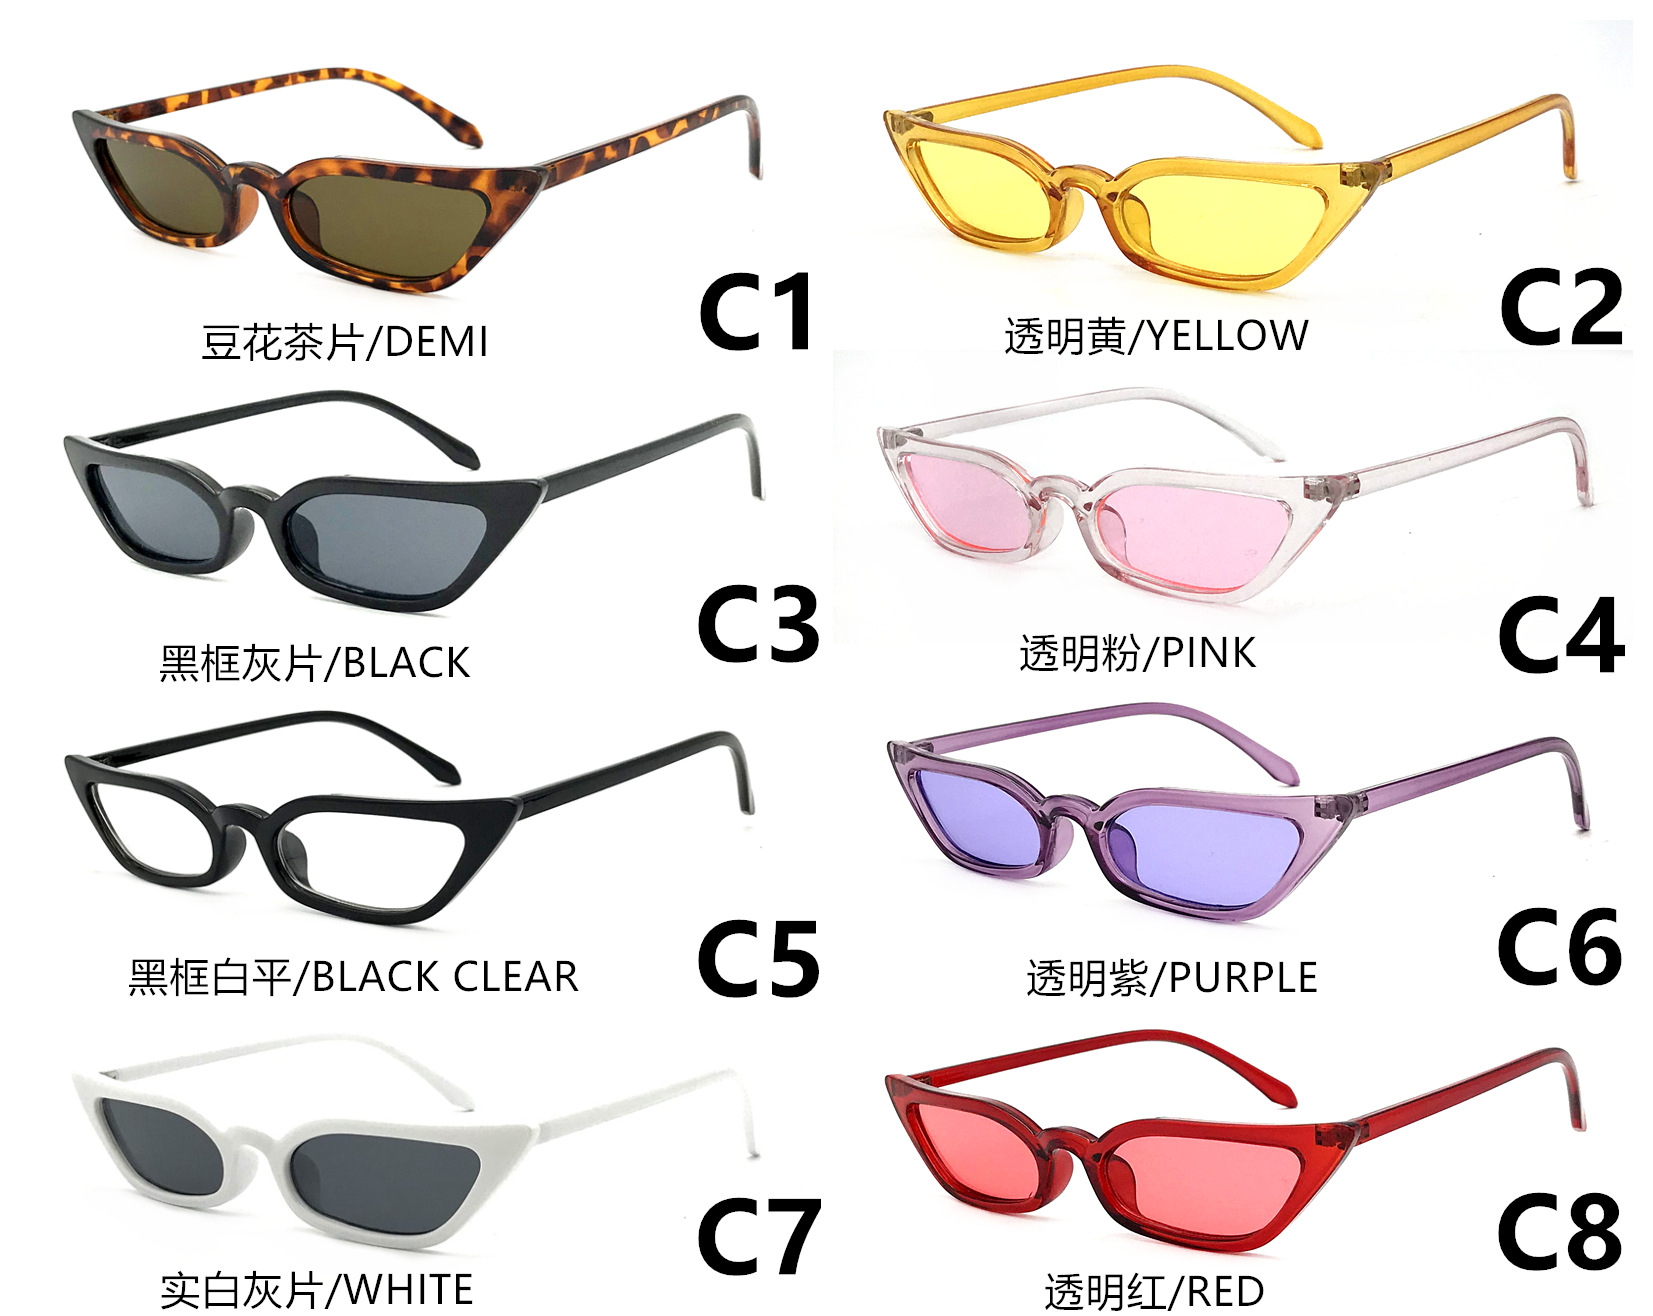 b2a0500fbd Detail Feedback Questions about Wholesale 8pcs lot 2018 Fashion Retro Small Sunglasses  Women Sun Glasses Sonnenbrille Lunette De Soleil Oculos De Sol ...